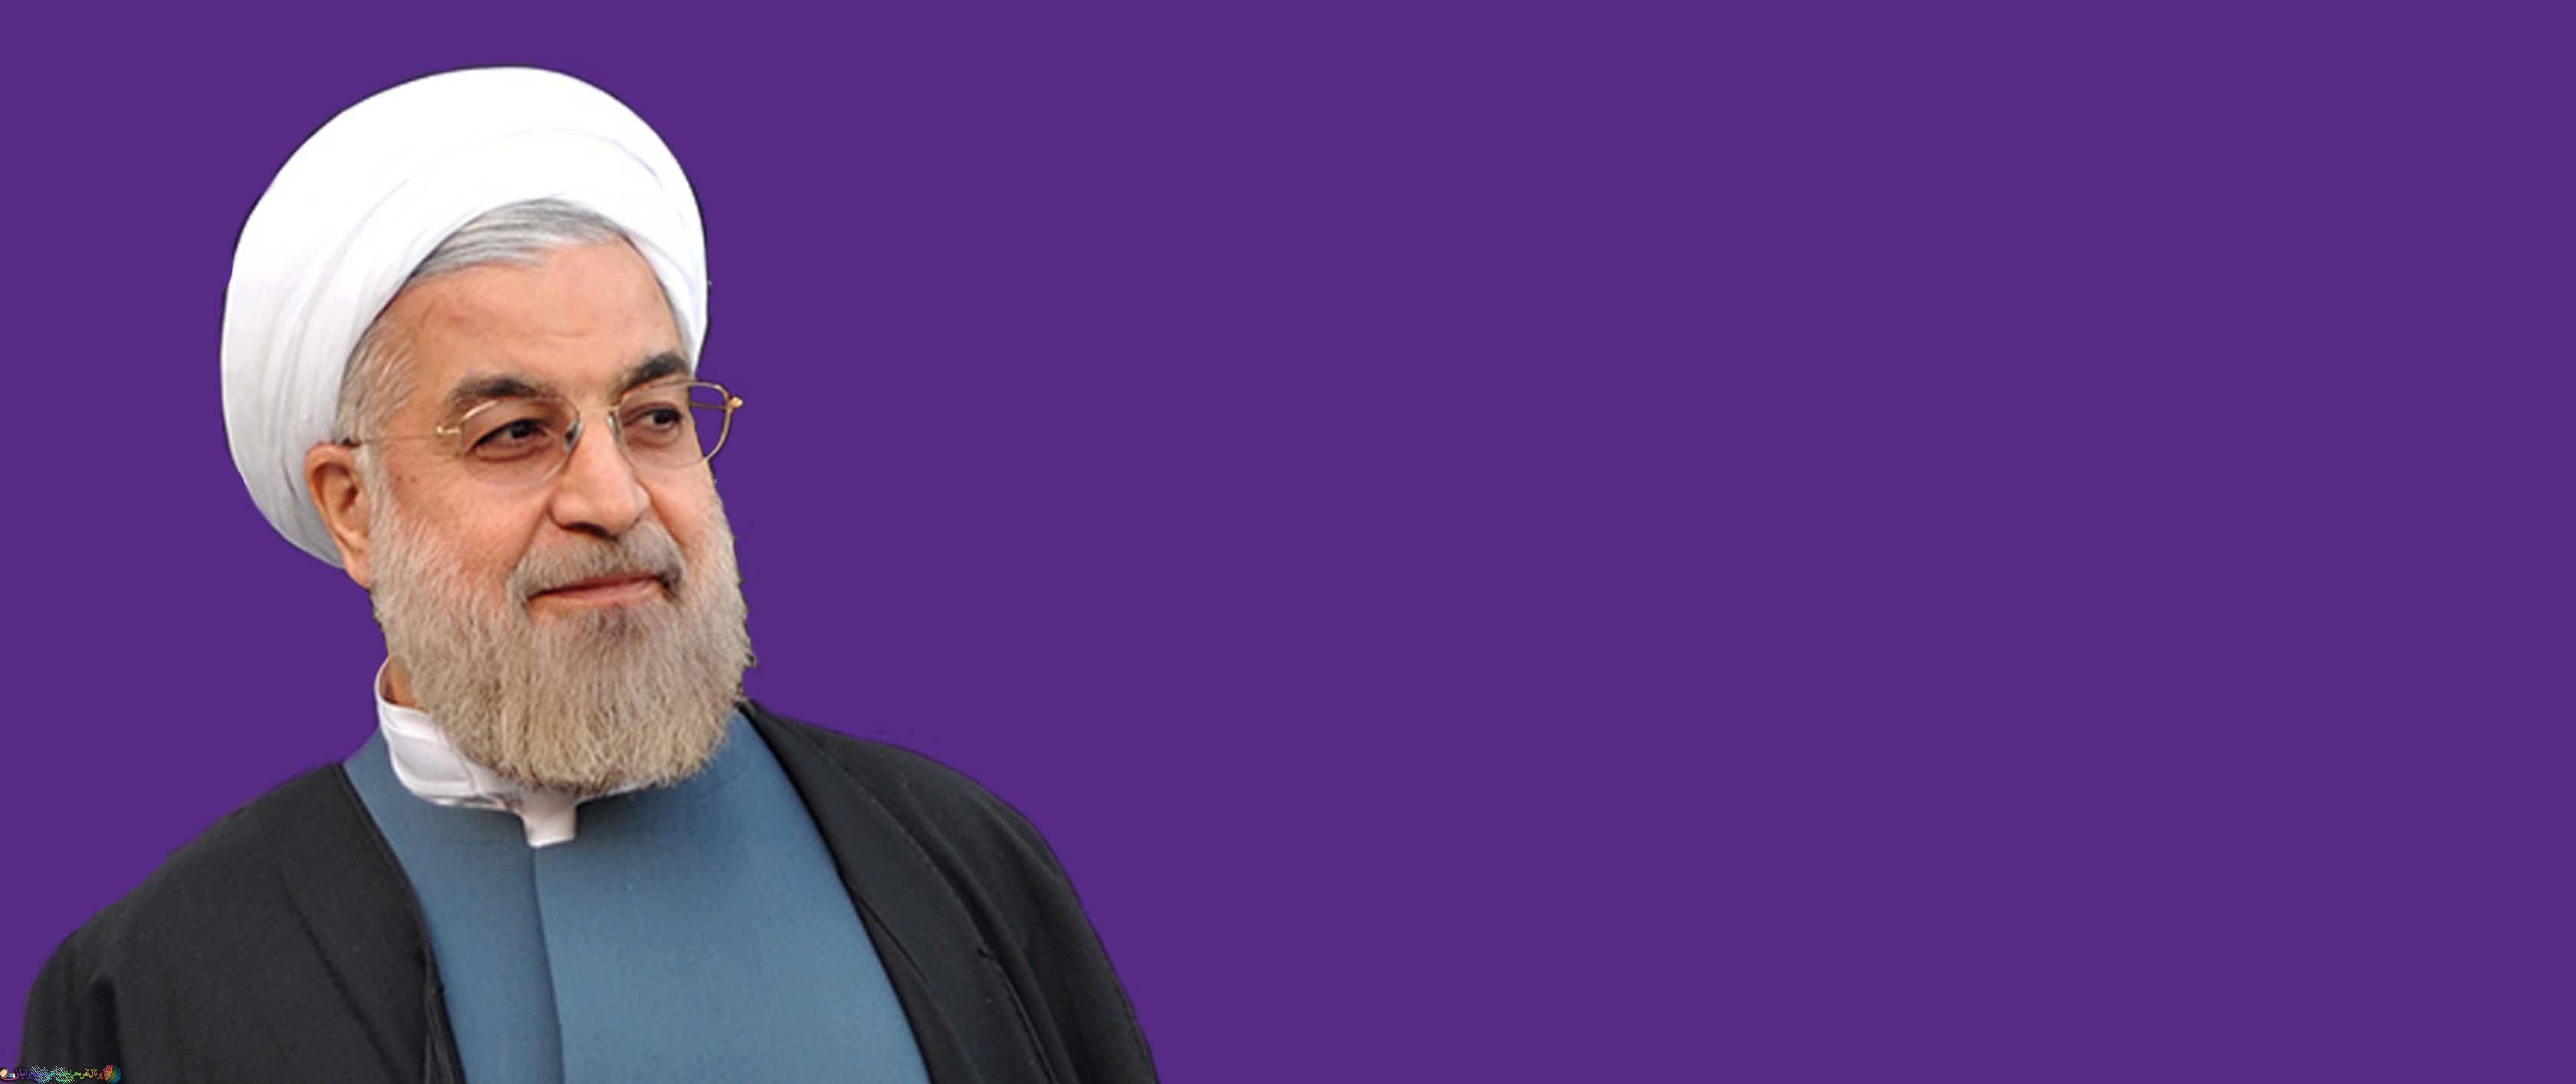 برخی از پیام های تبریک رجل سیاسی به آقای حسن روحانی